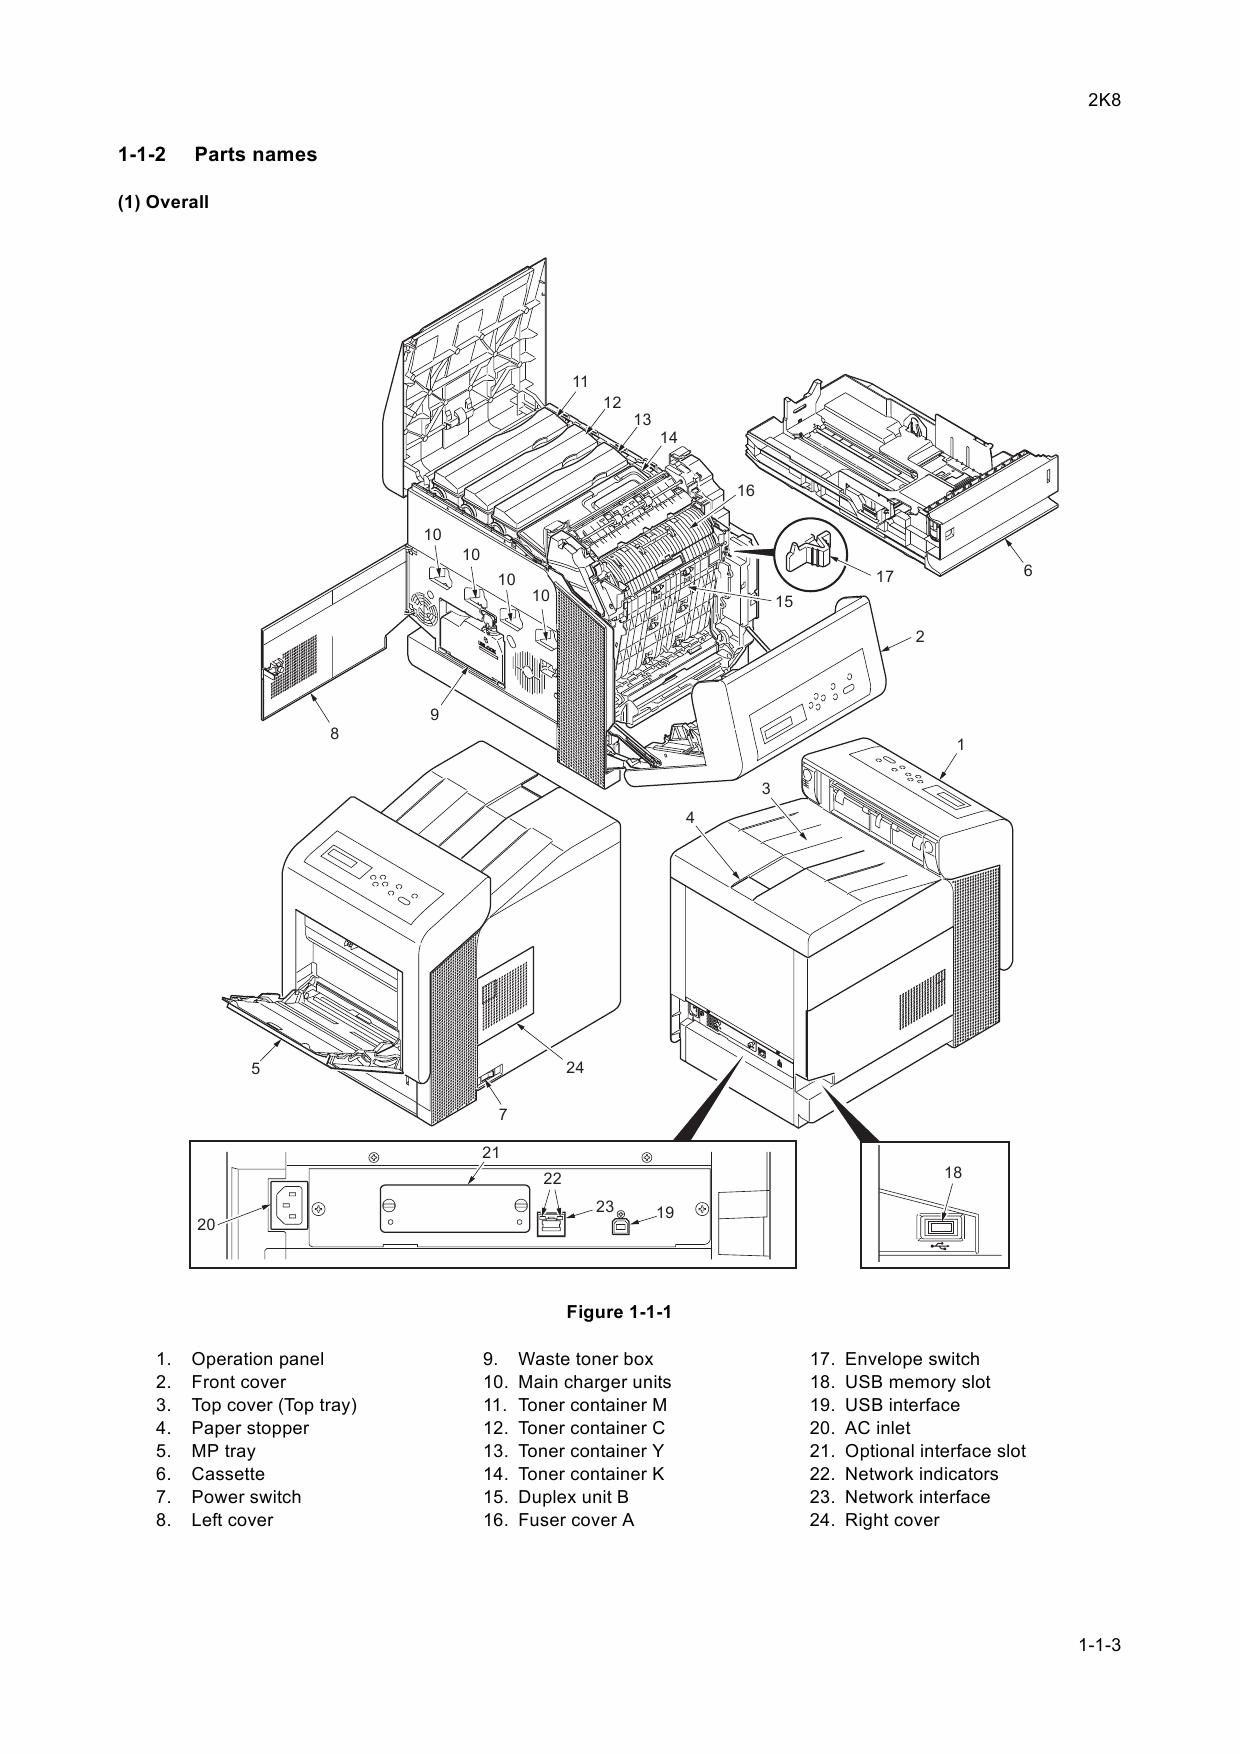 KYOCERA ColorLaserPrinter FS-C5350DN Parts and Service Manual